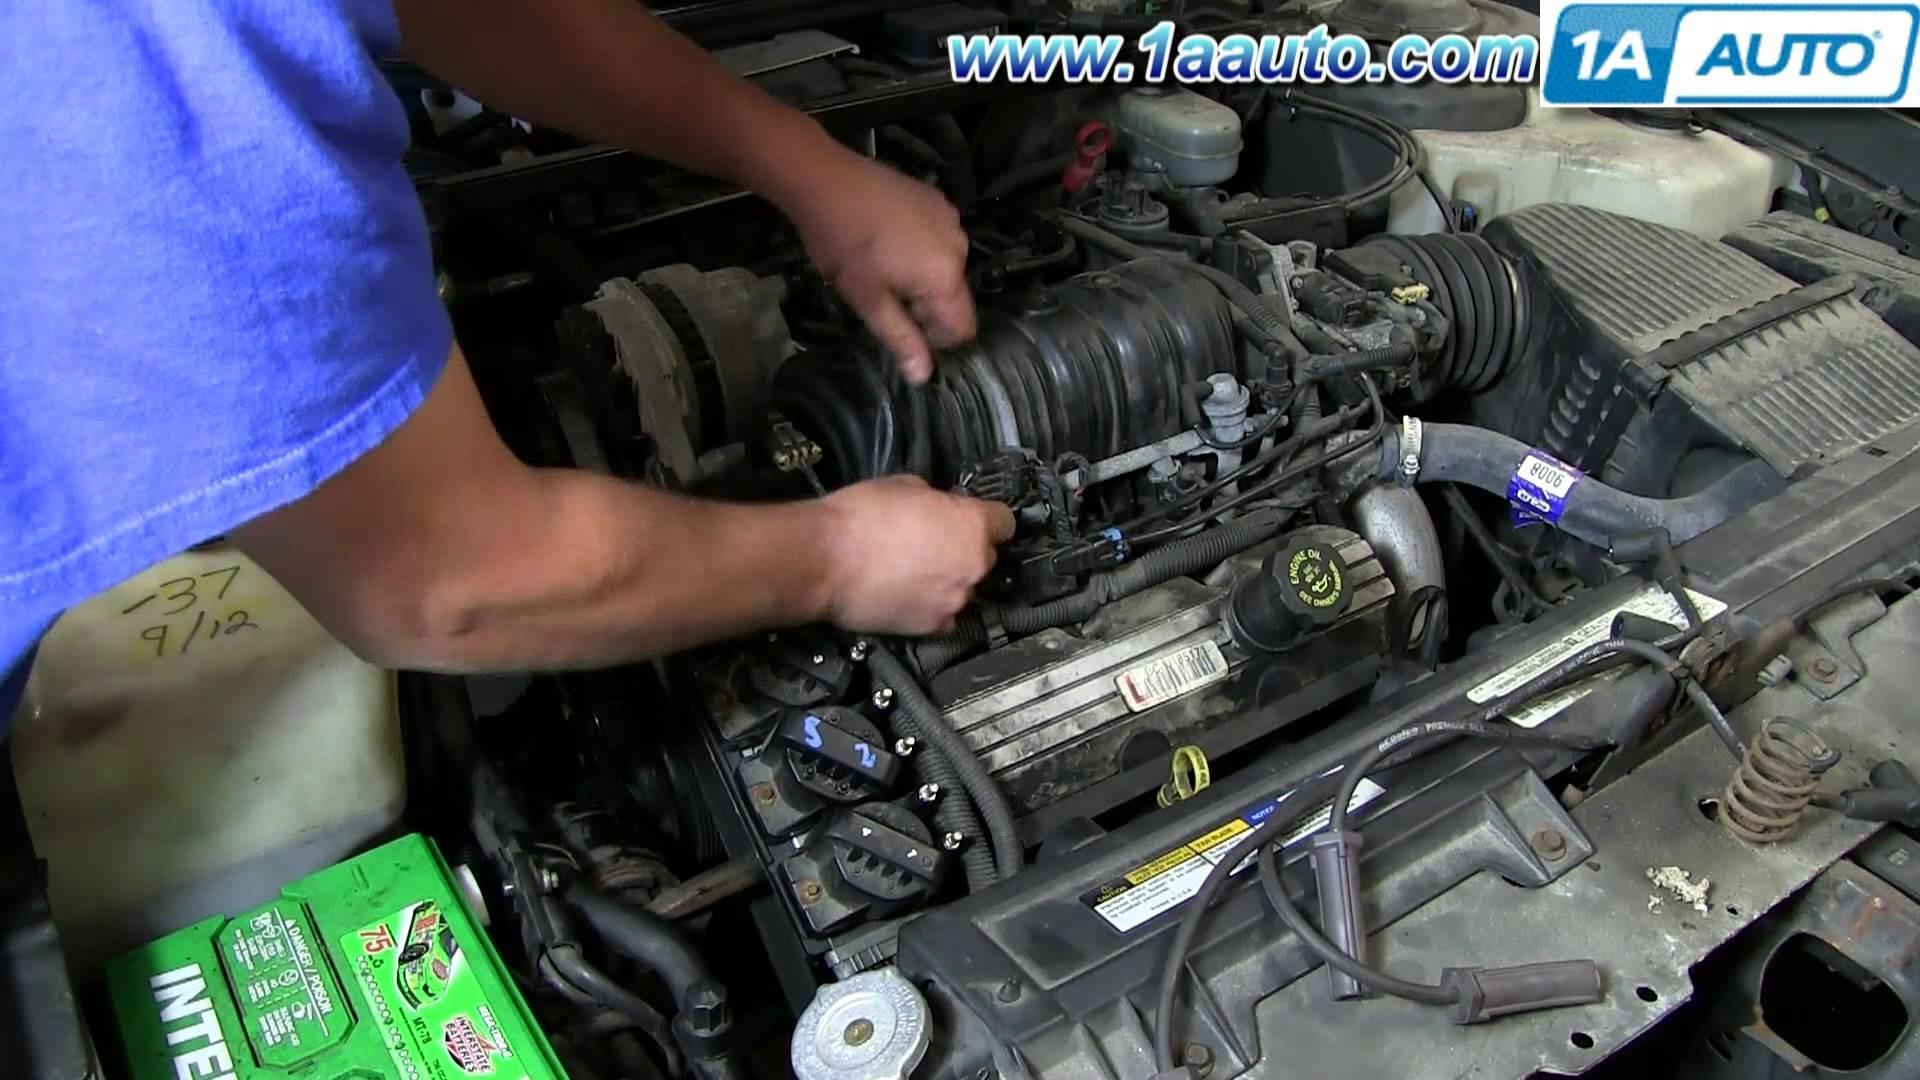 Gm 3800 V6 Engine Diagram